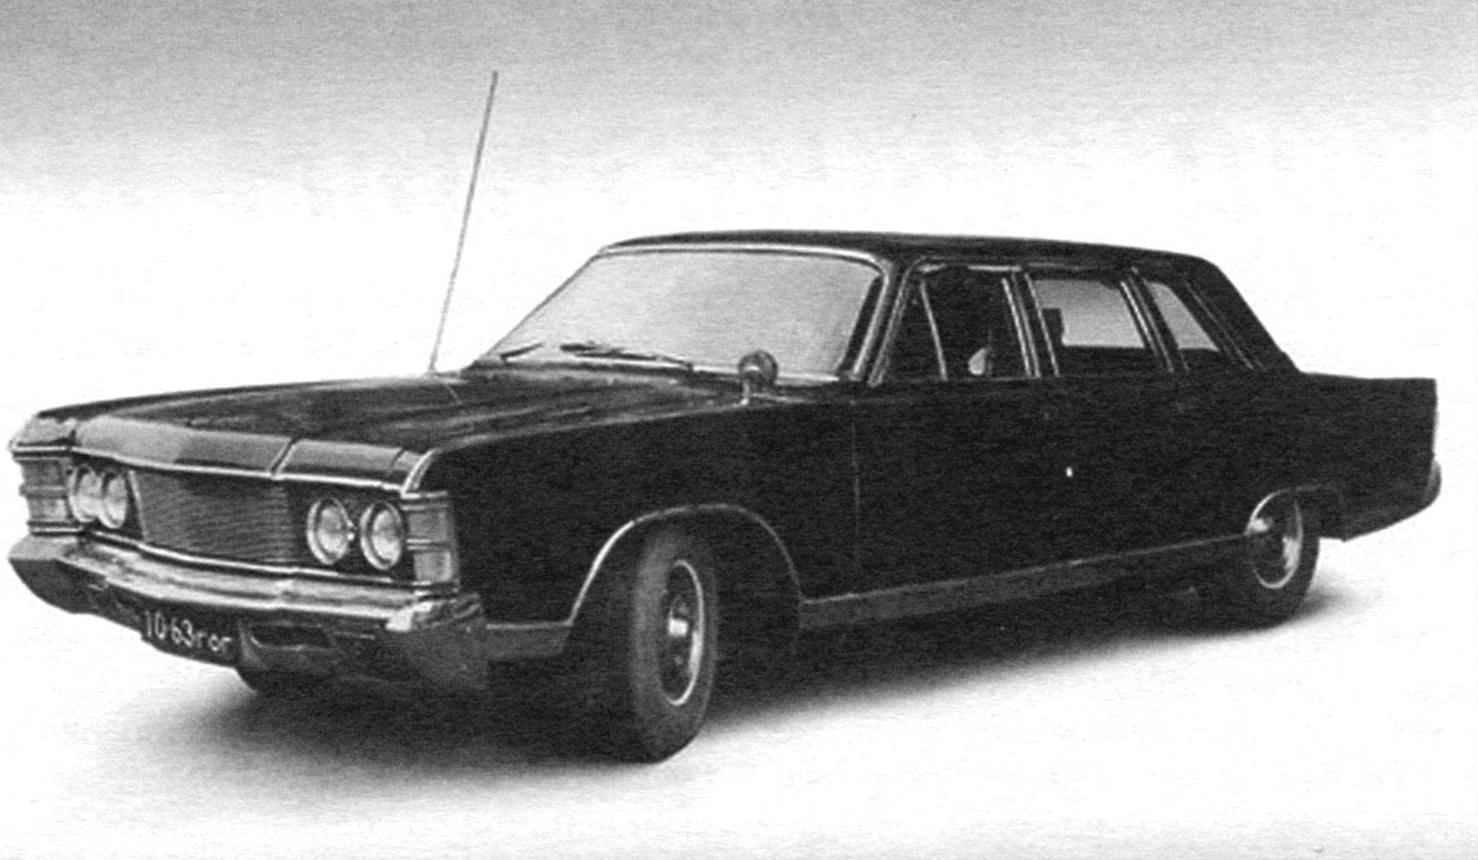 Неудавшаяся попытка модификации внешнего вида ГАЗ-14